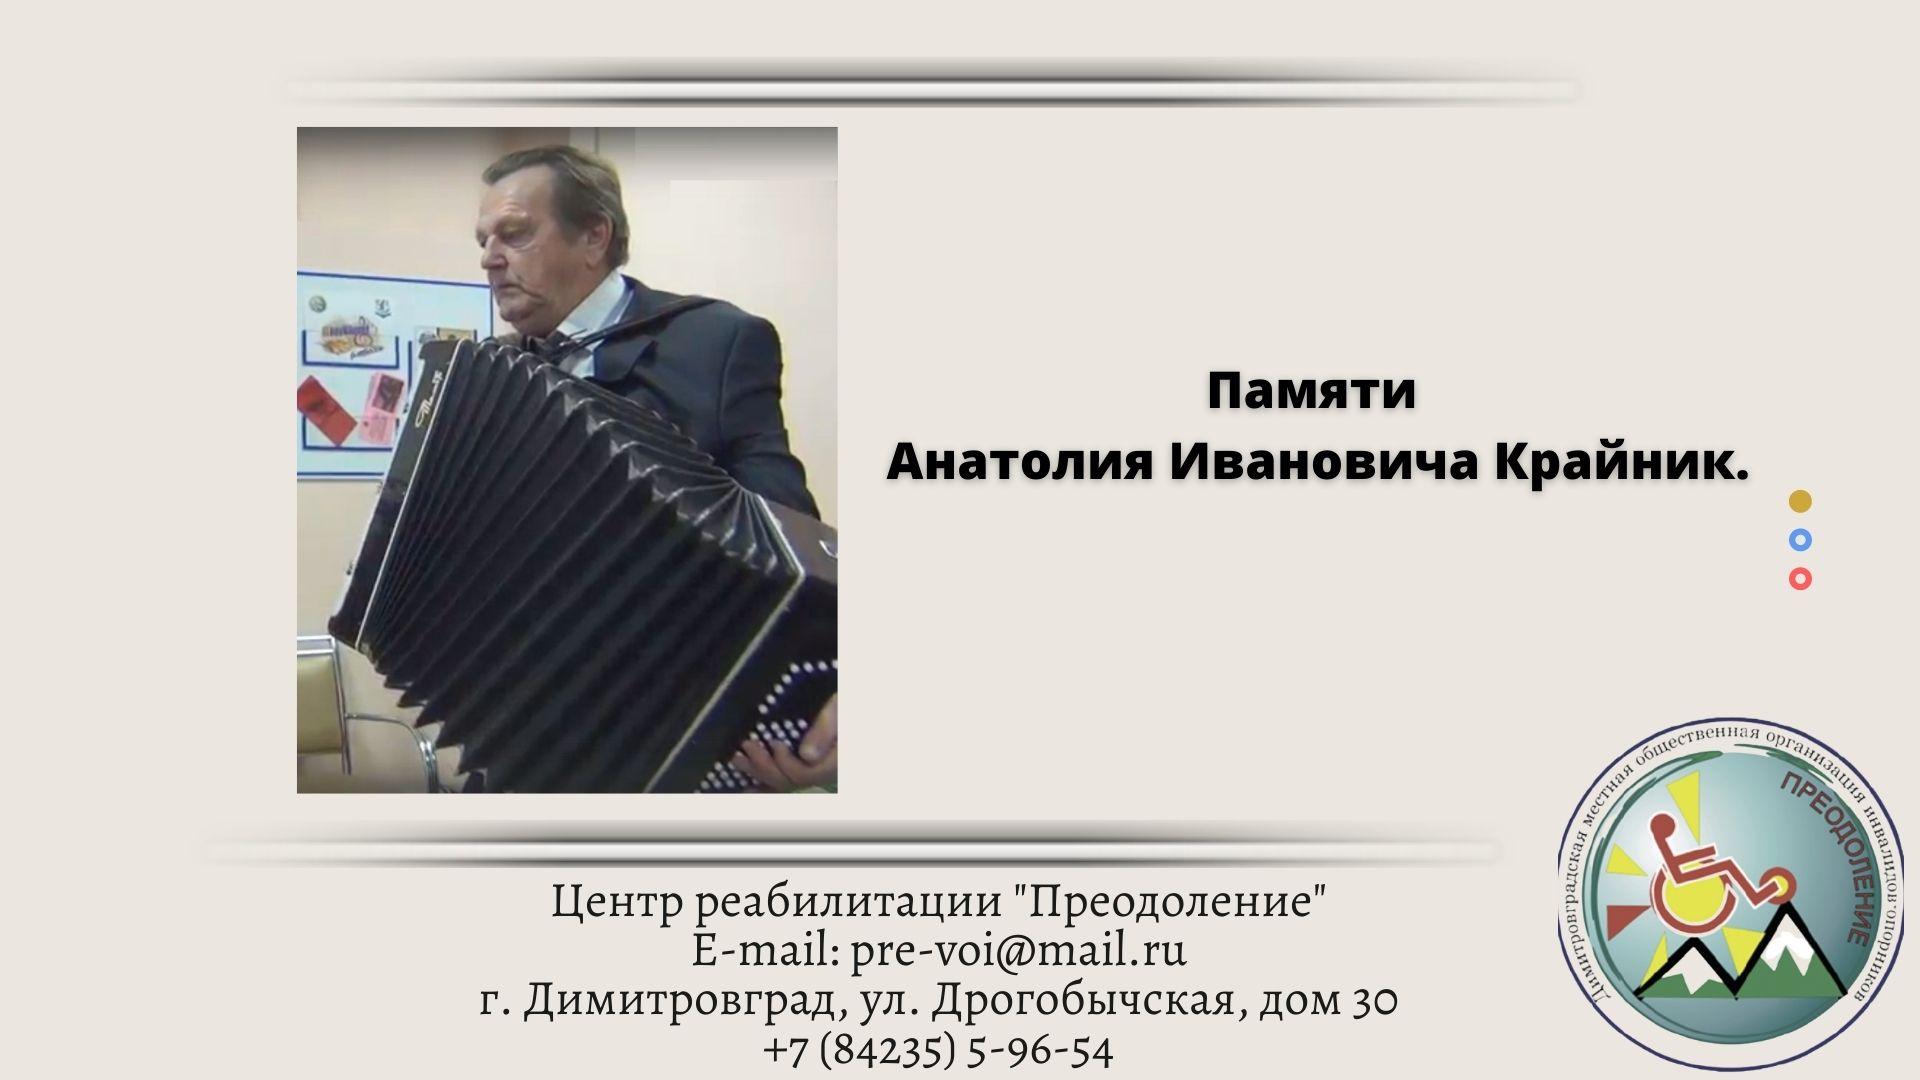 Памяти Анатолия Ивановича Крайник.